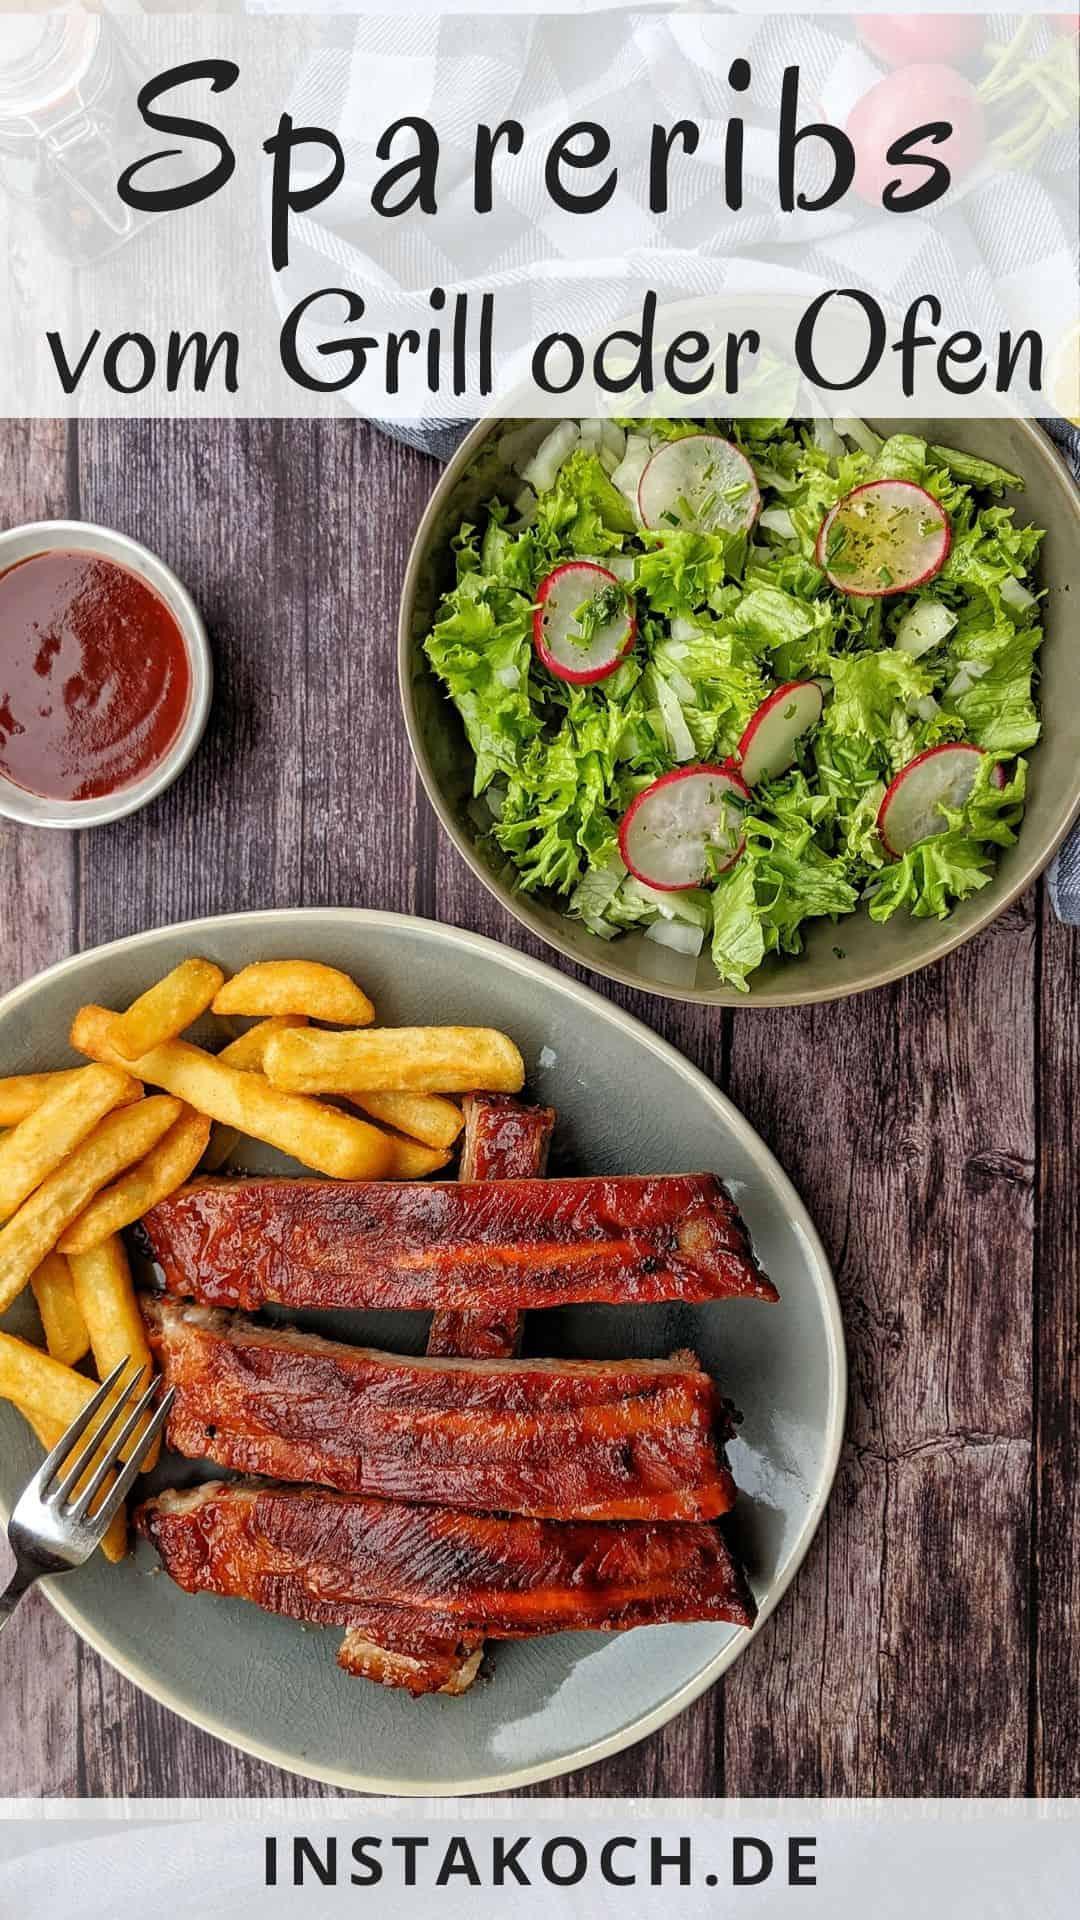 Ein Teller mit Spareribs und Pommes. Daneben eine Schale Salat und ein Schälchen Ketchup.